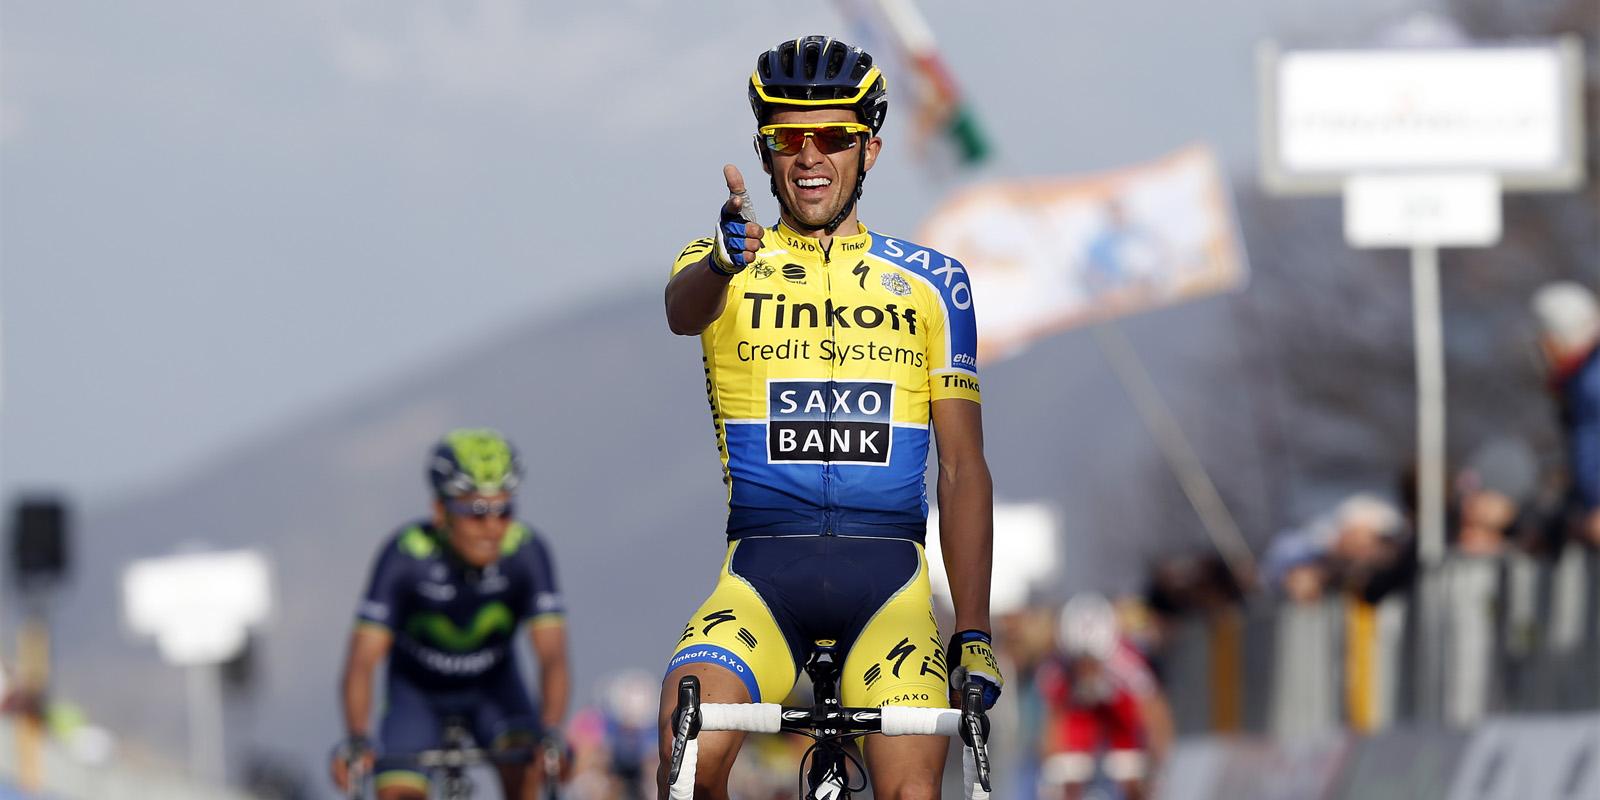 """Tour de France, Contador: """"Rispetto per tutti, paura di nessuno"""""""